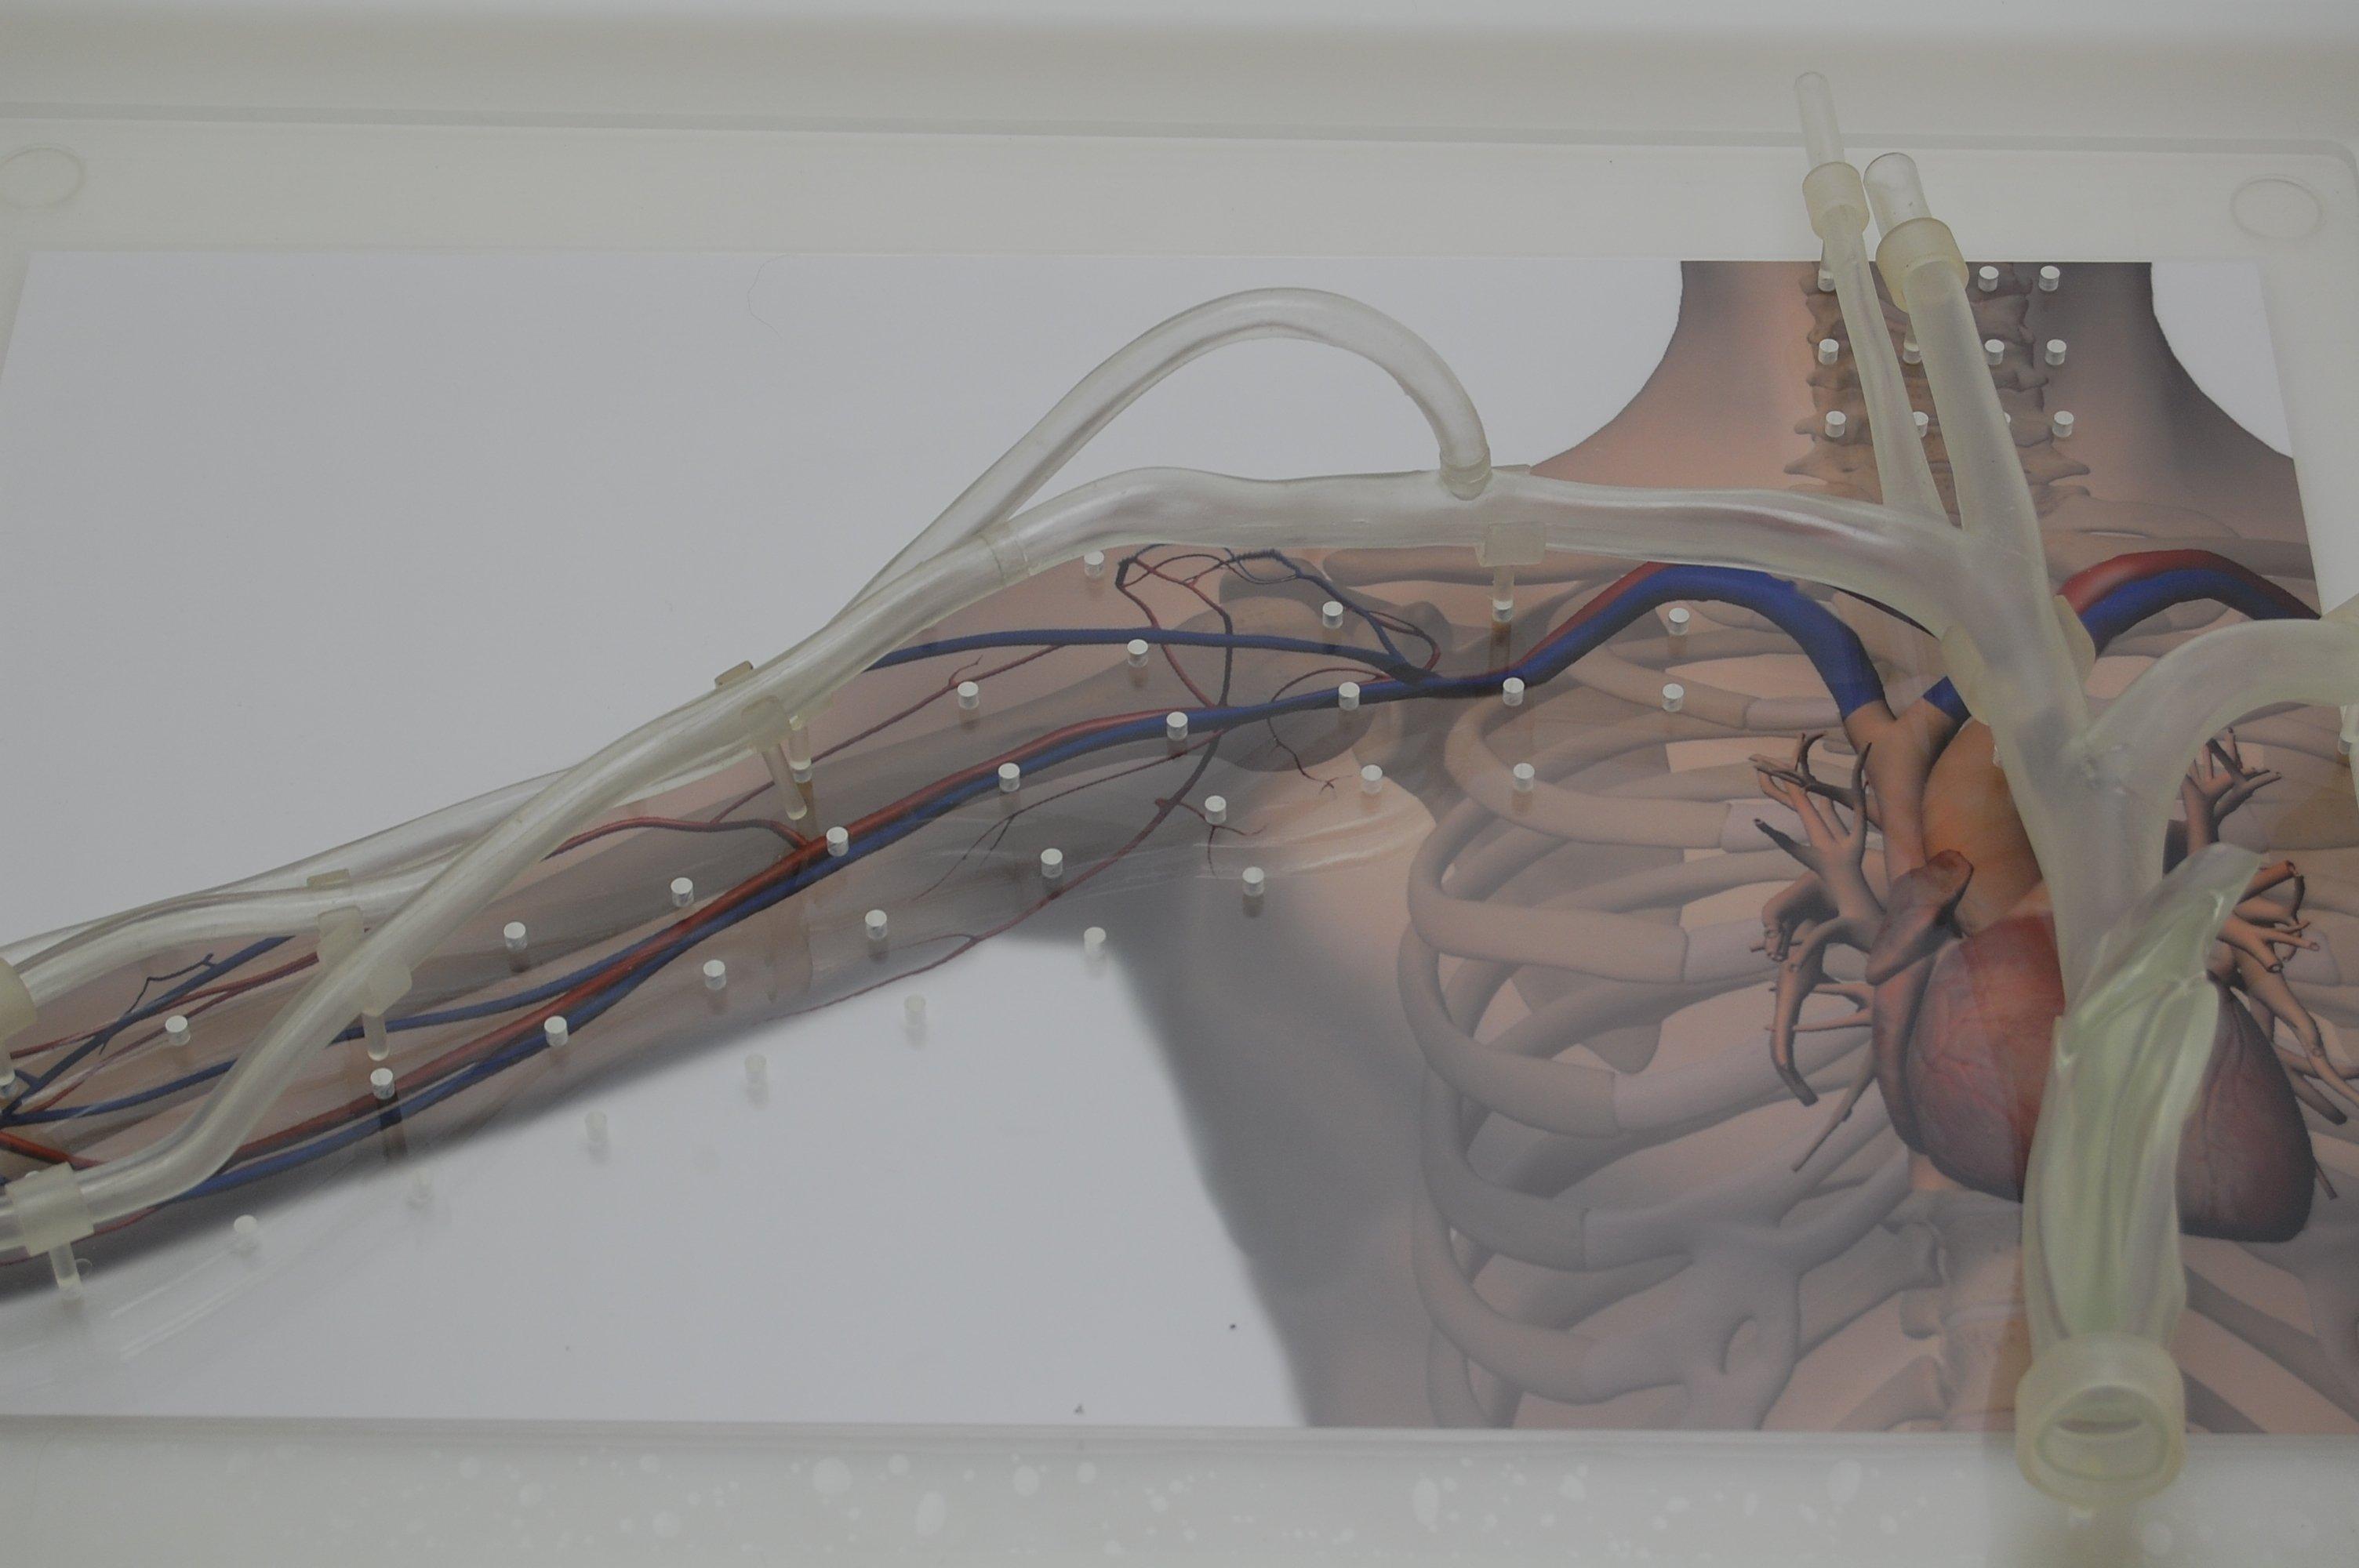 medical device anatomy models | Pulse Medical Demonstration Models